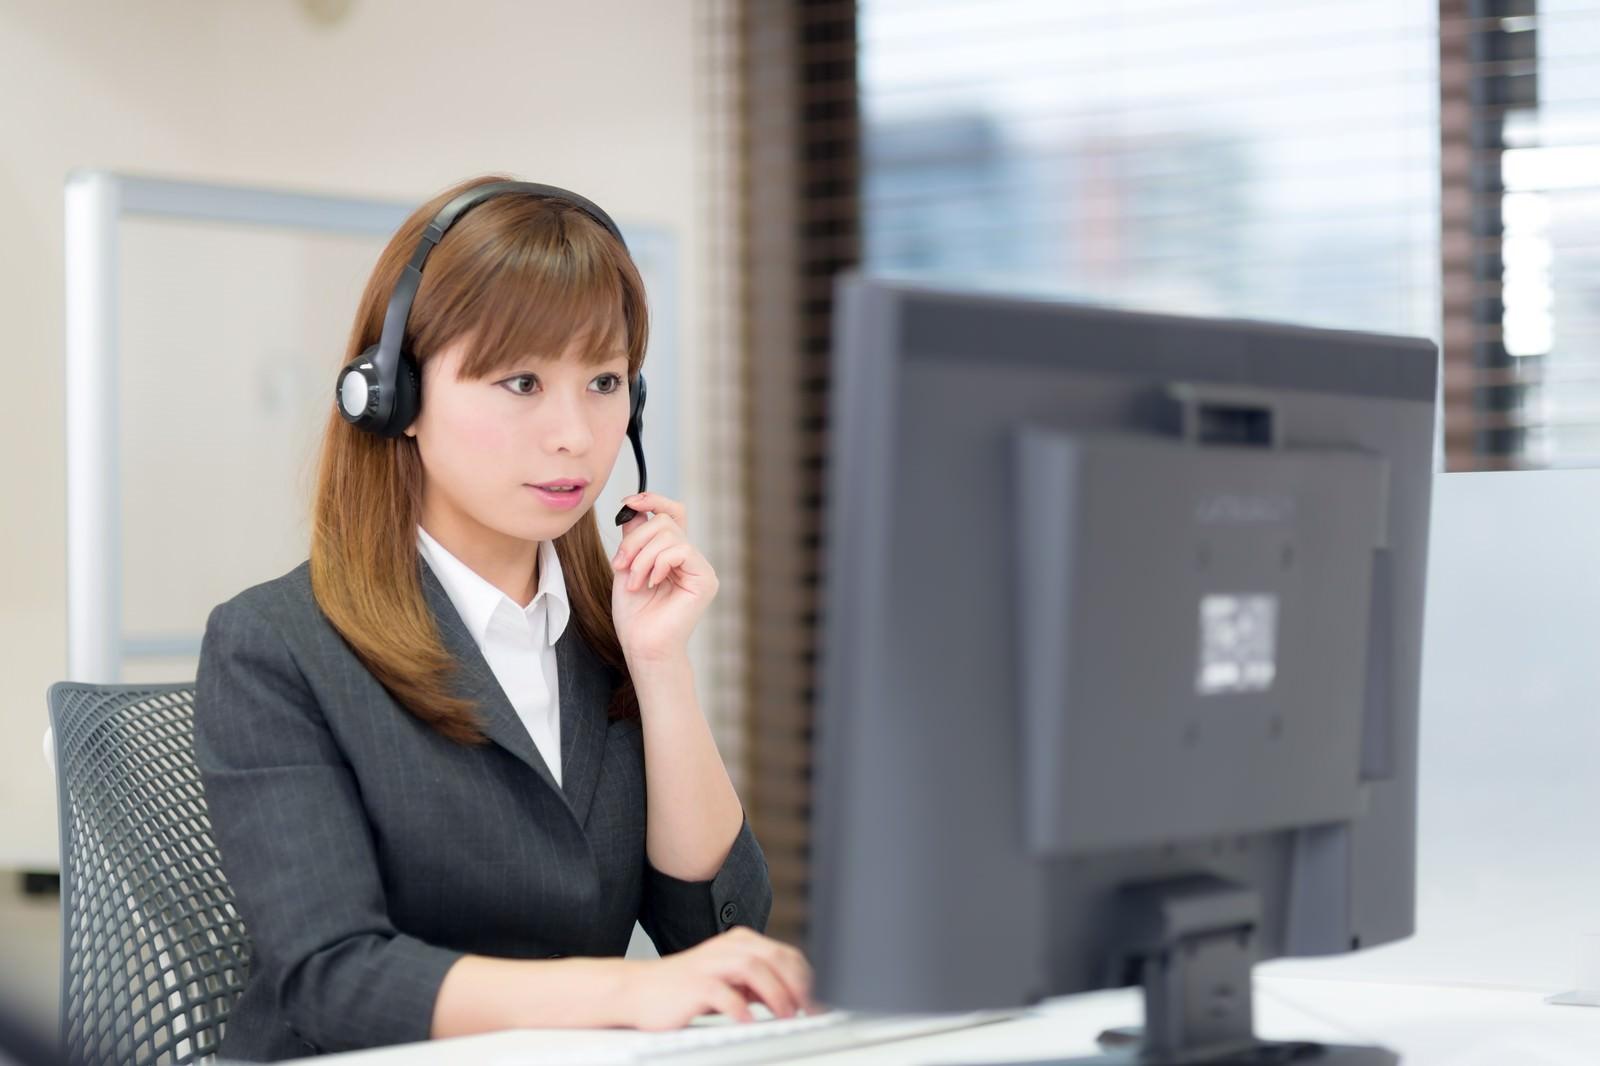 「コールセンターで対応中(ヘルプデスク)コールセンターで対応中(ヘルプデスク)」[モデル:暢子]のフリー写真素材を拡大